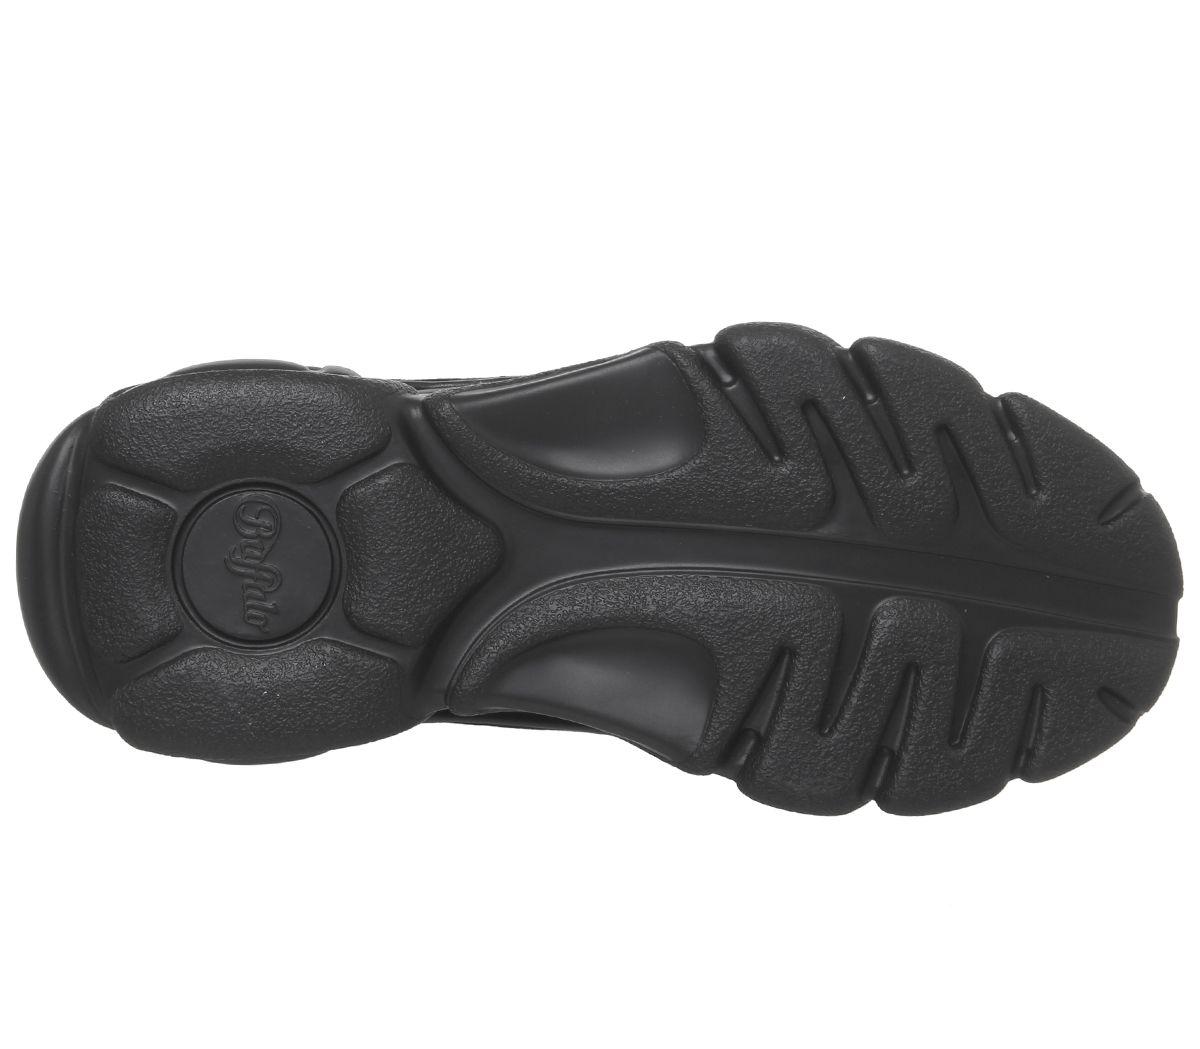 Détails sur Chaussures femme BUFFALO Corin Baskets Noir Baskets Chaussures afficher le titre d'origine